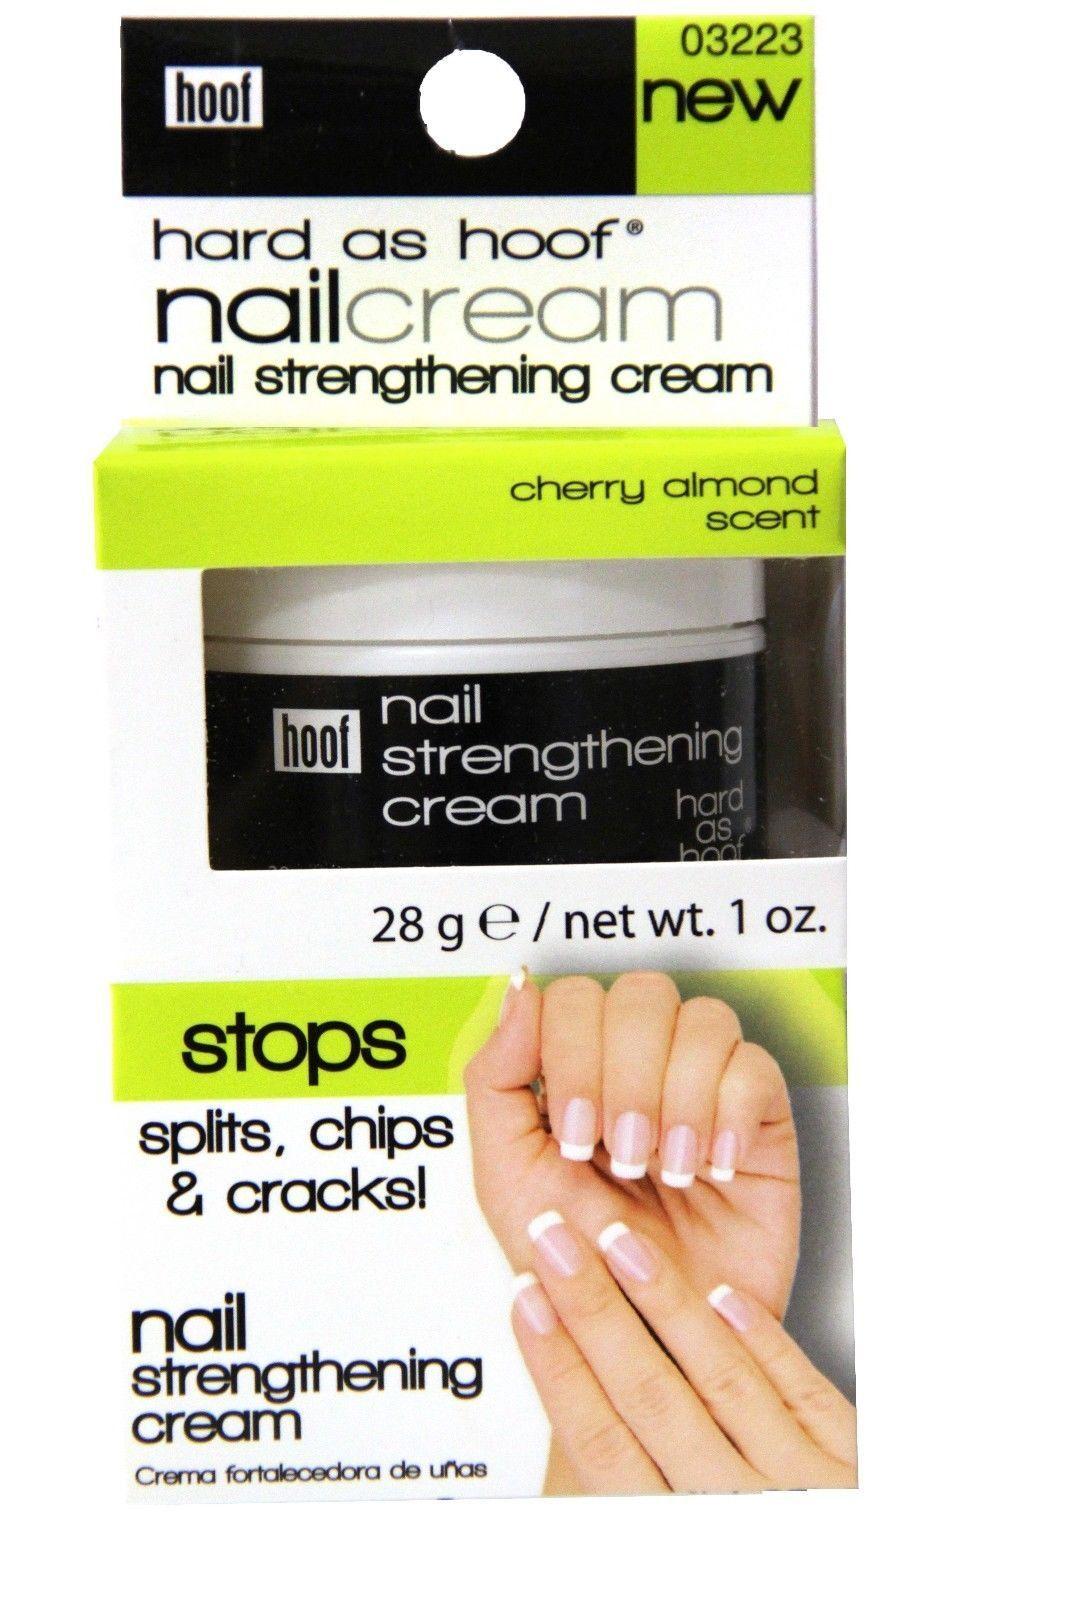 Hard as Hoof Strengthening Nail Cream 1oz for sale online | eBay